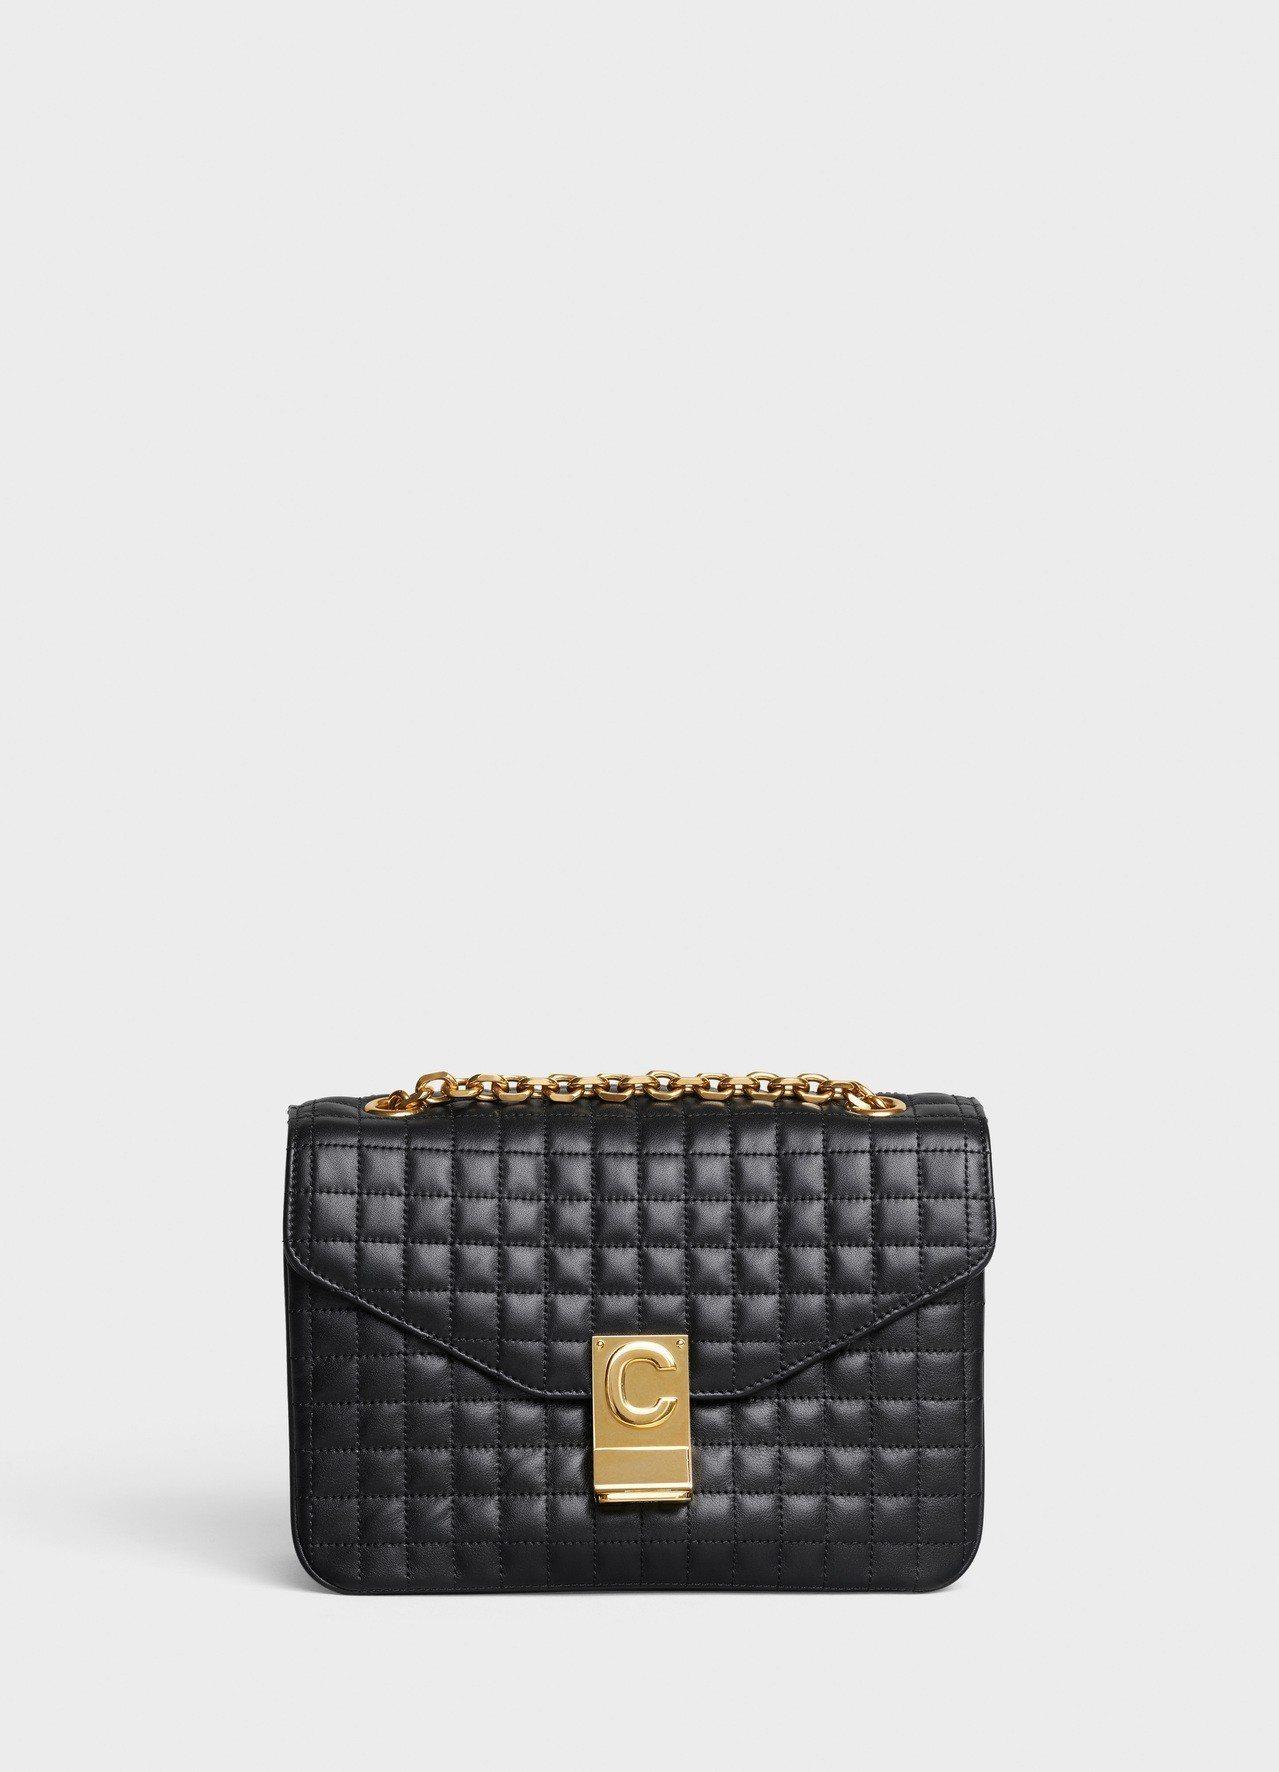 黝黑色格紋襯芯小牛皮中型鍊帶C Bag,售價99,000元。圖/CELINE B...